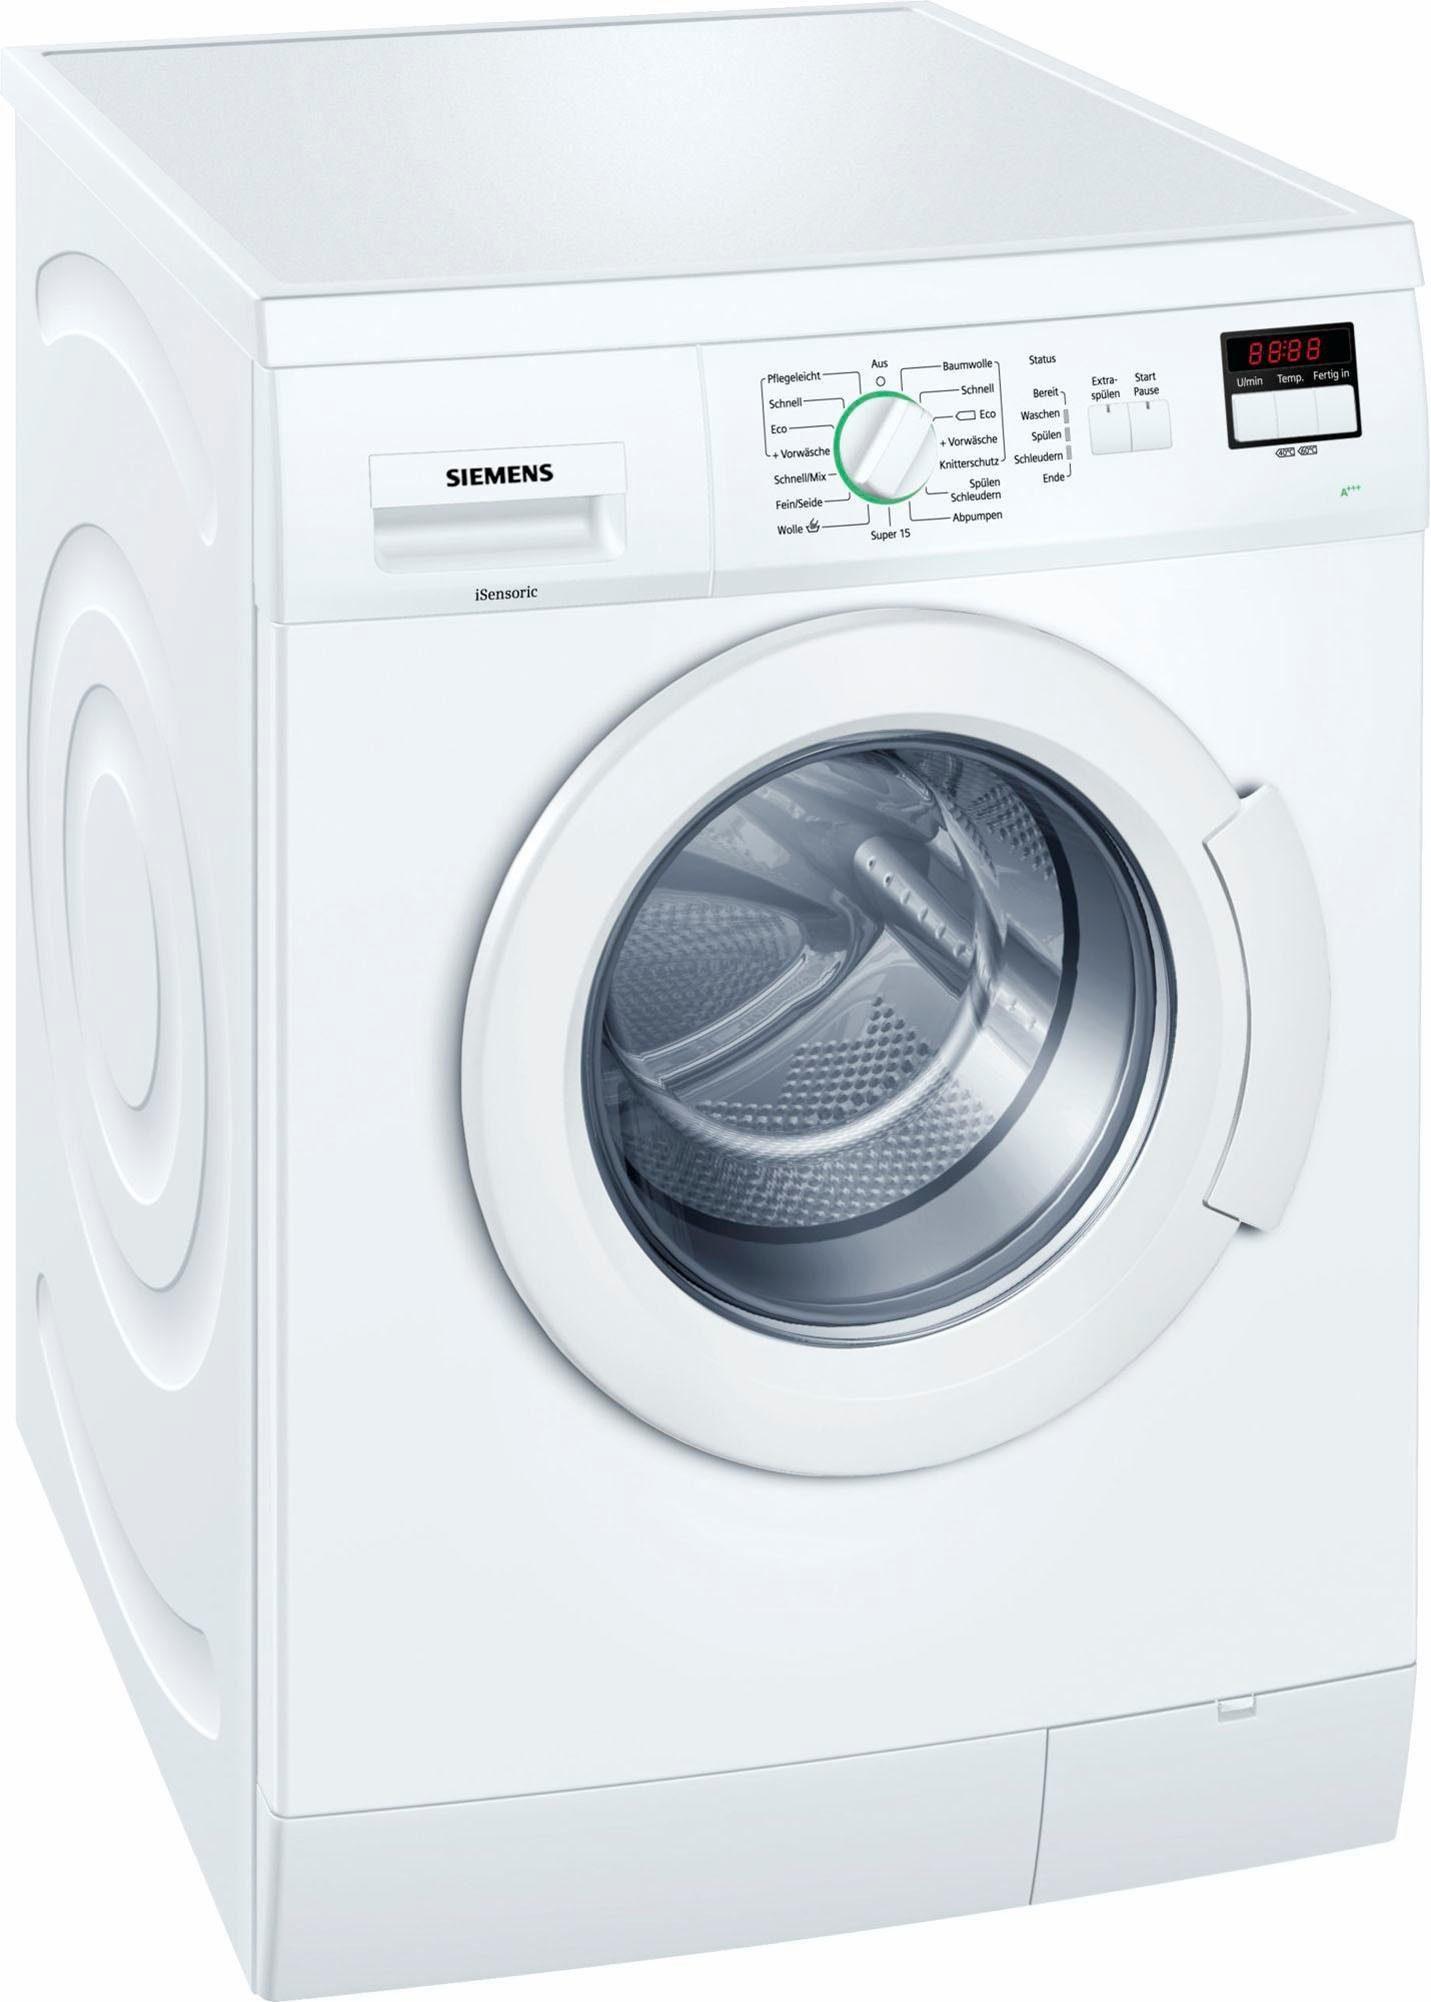 SIEMENS Waschmaschine WM14E220, 7 kg, 1400 U/Min